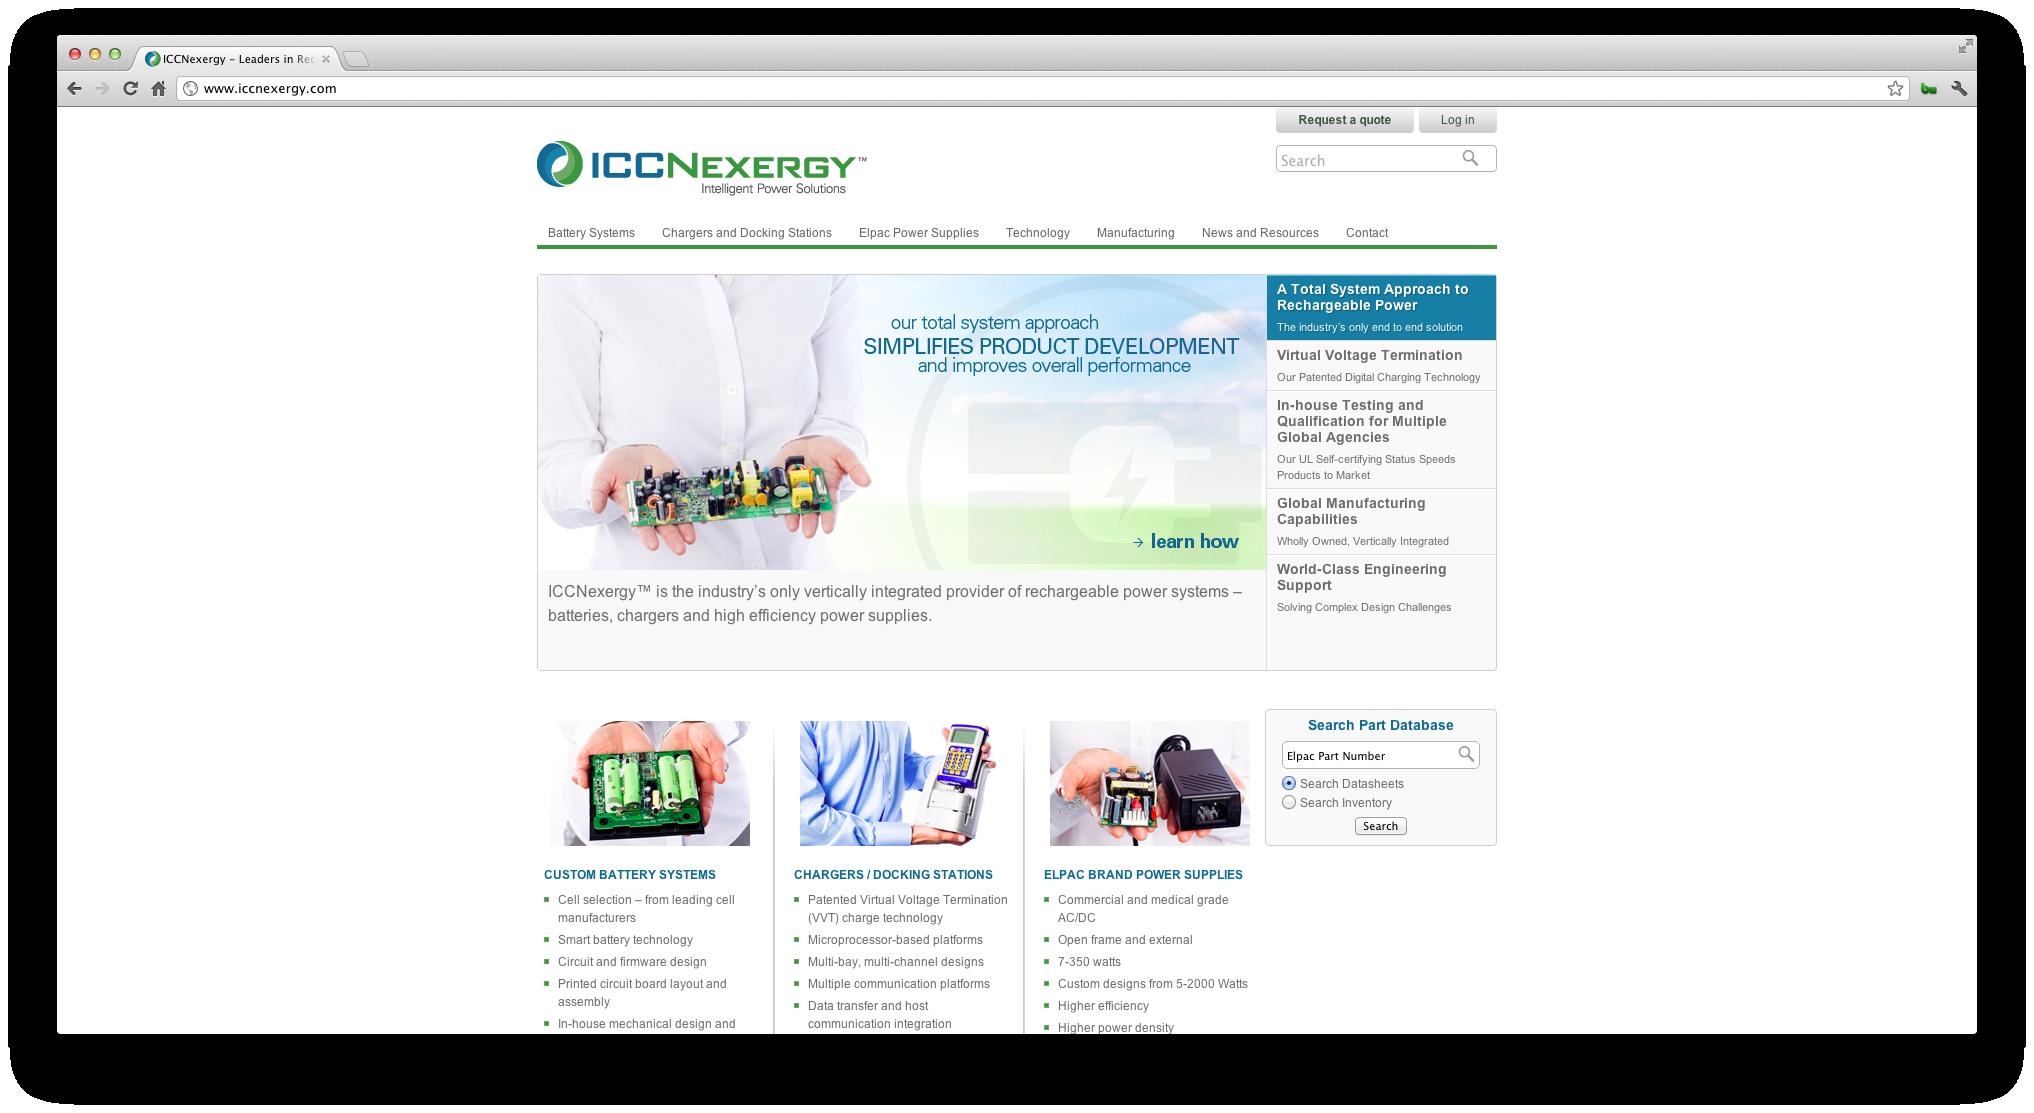 ICC Nexergy Website